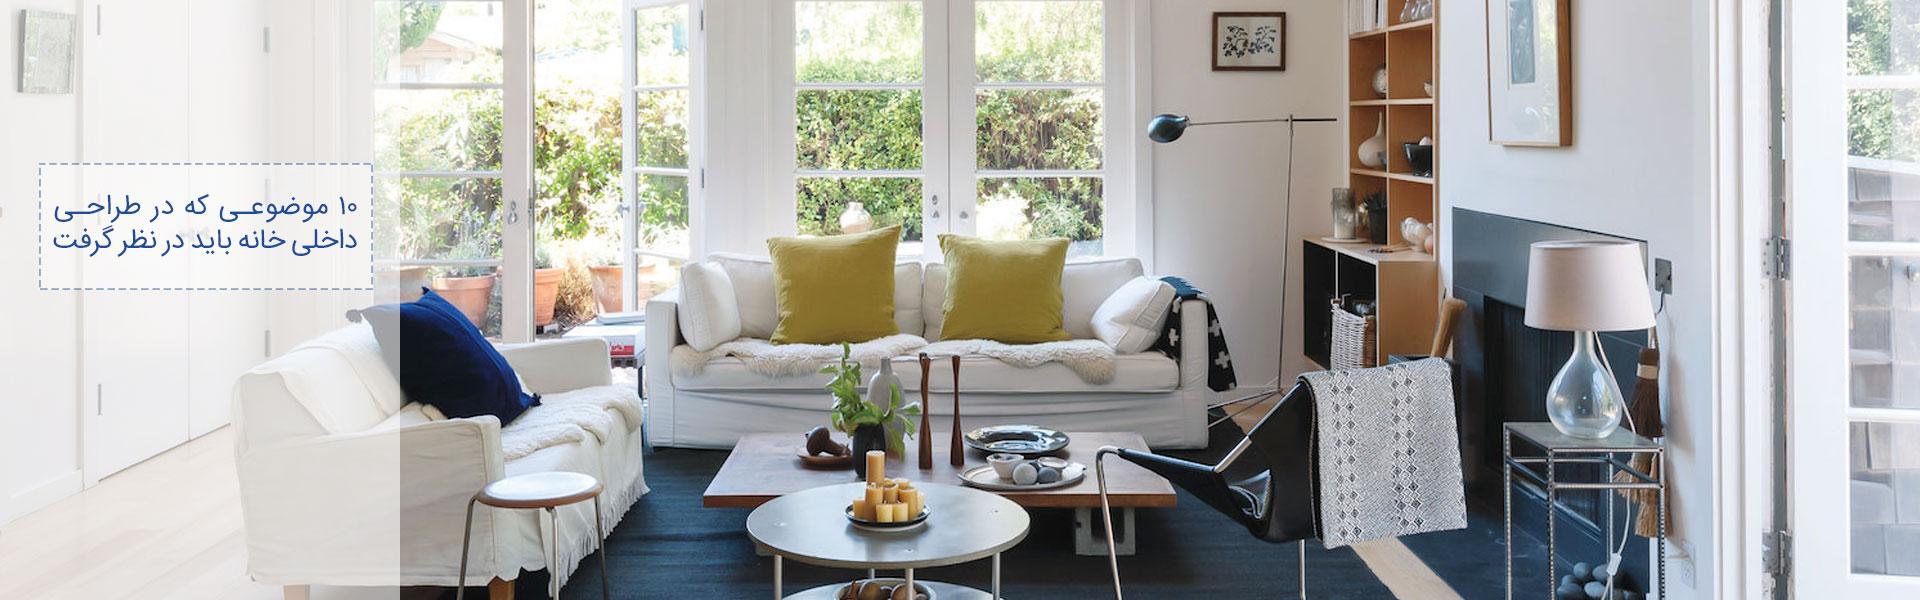 تصاویر طراحی داخلی خانه